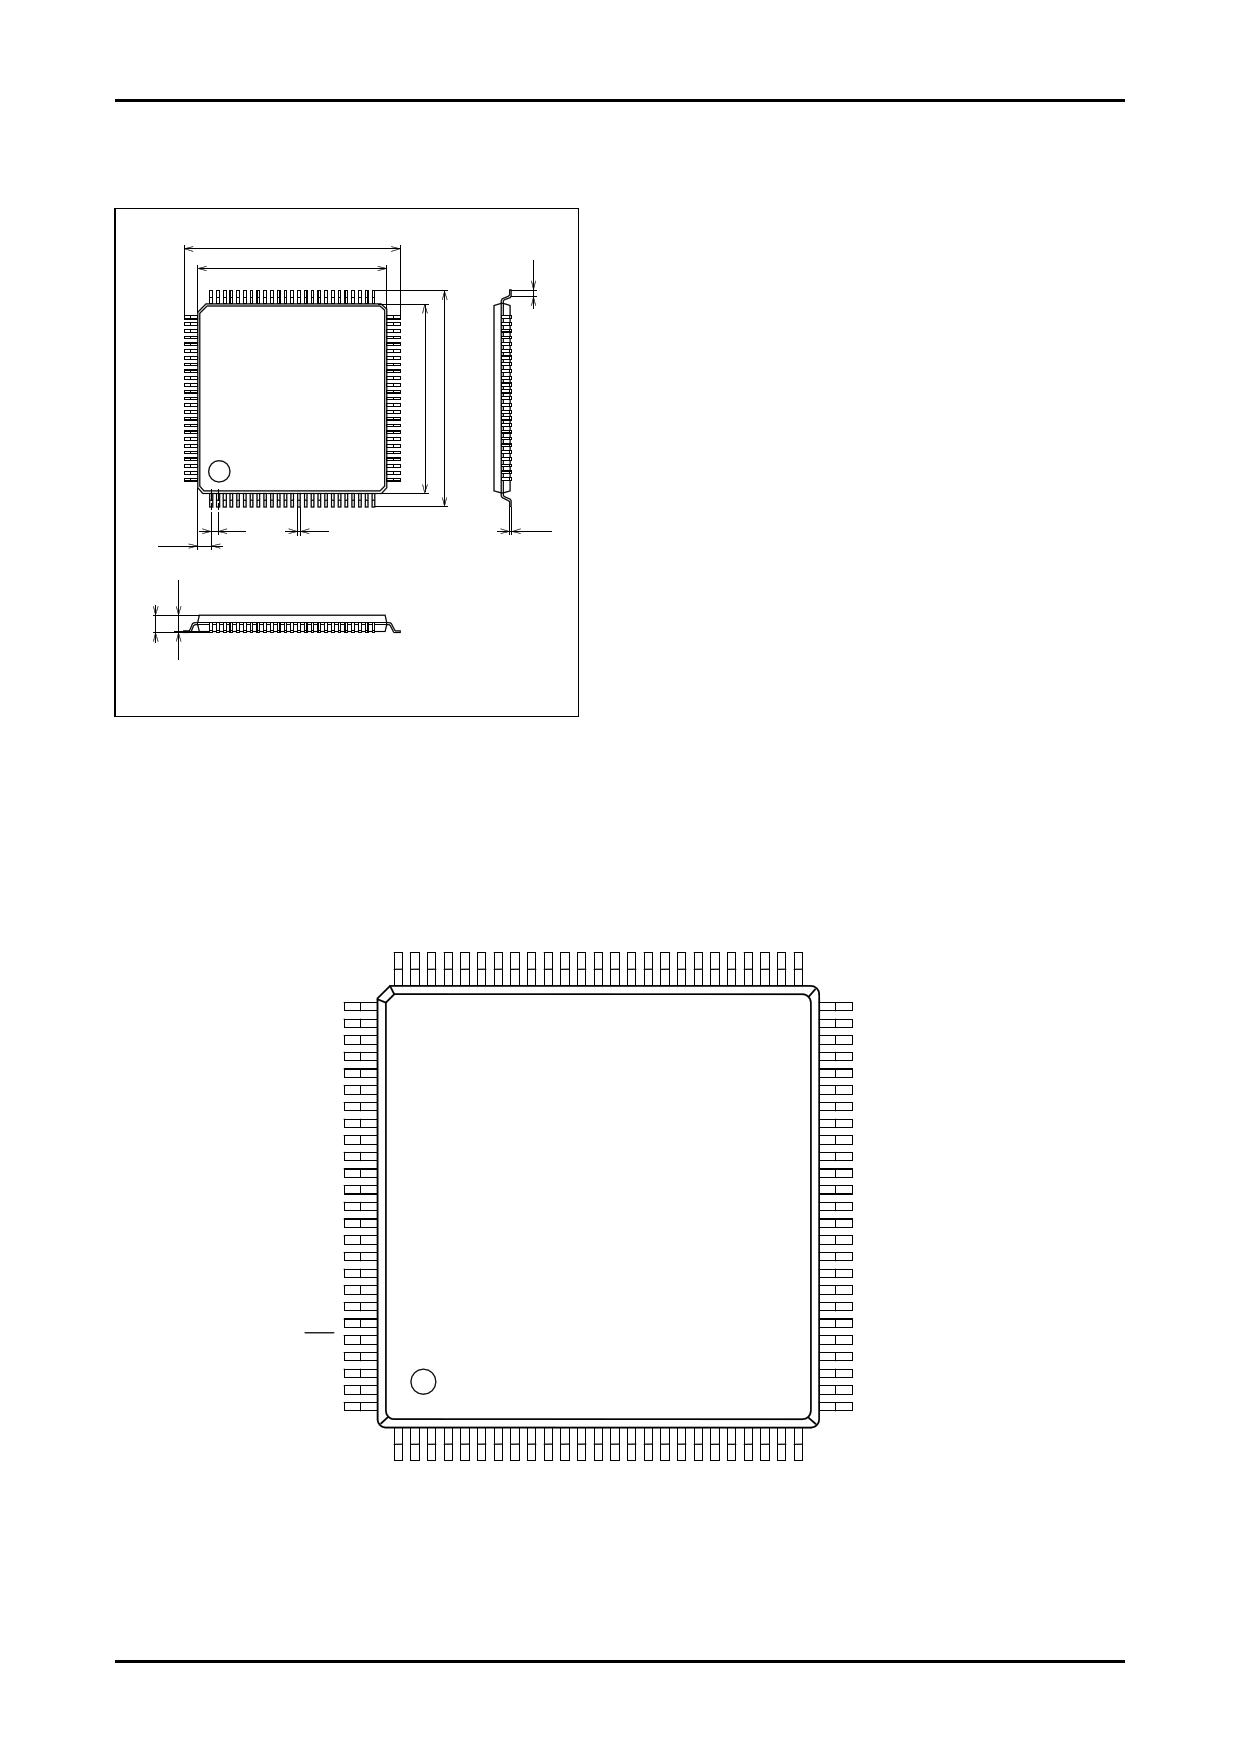 LC75806PT pdf